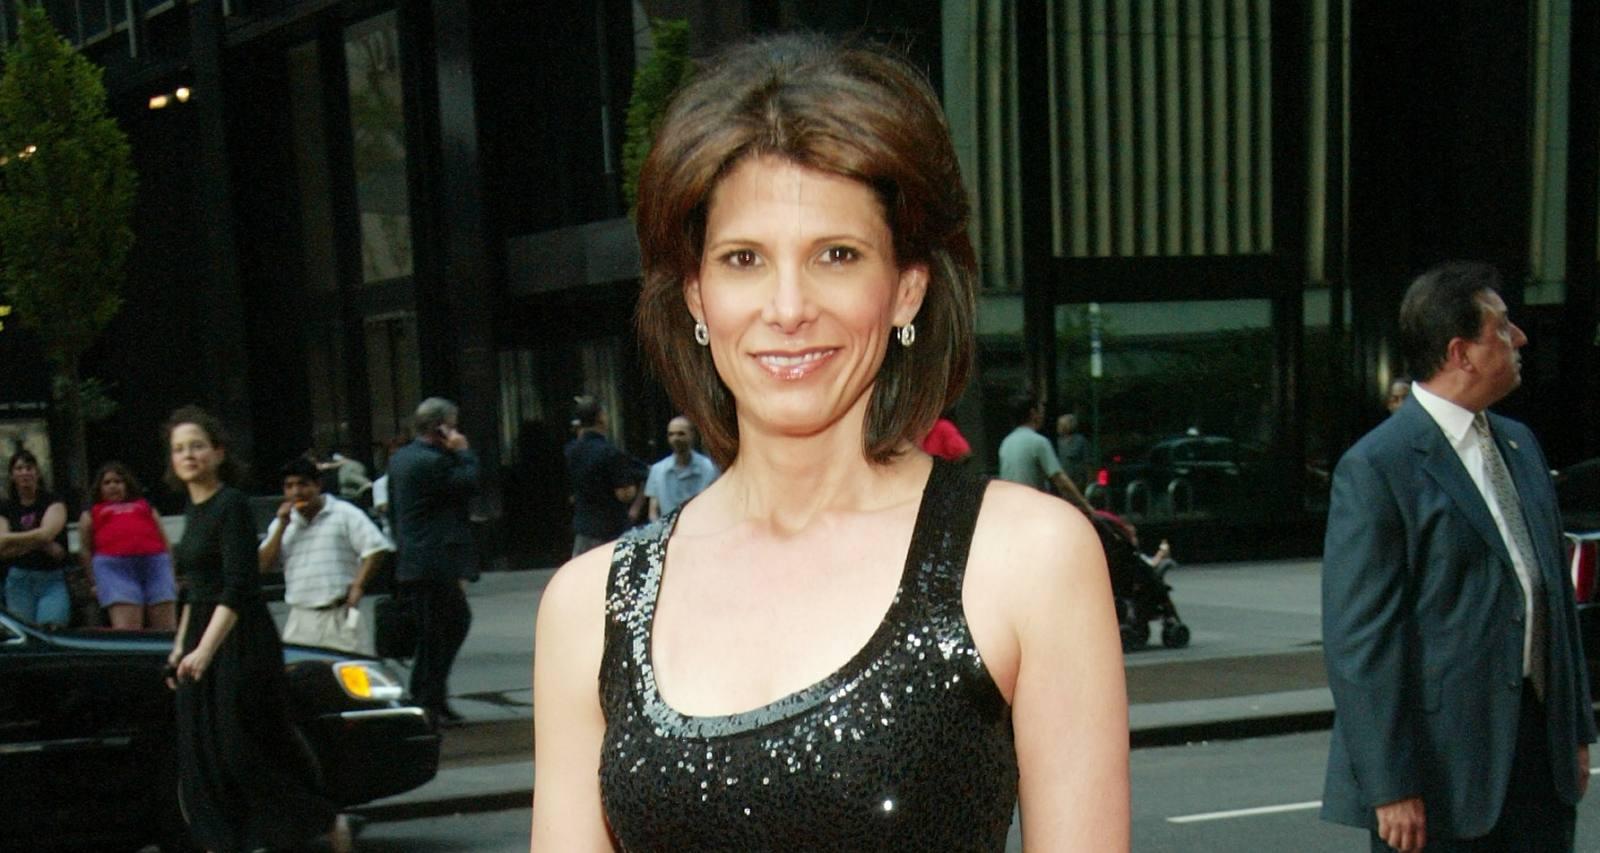 Daryn Kagan